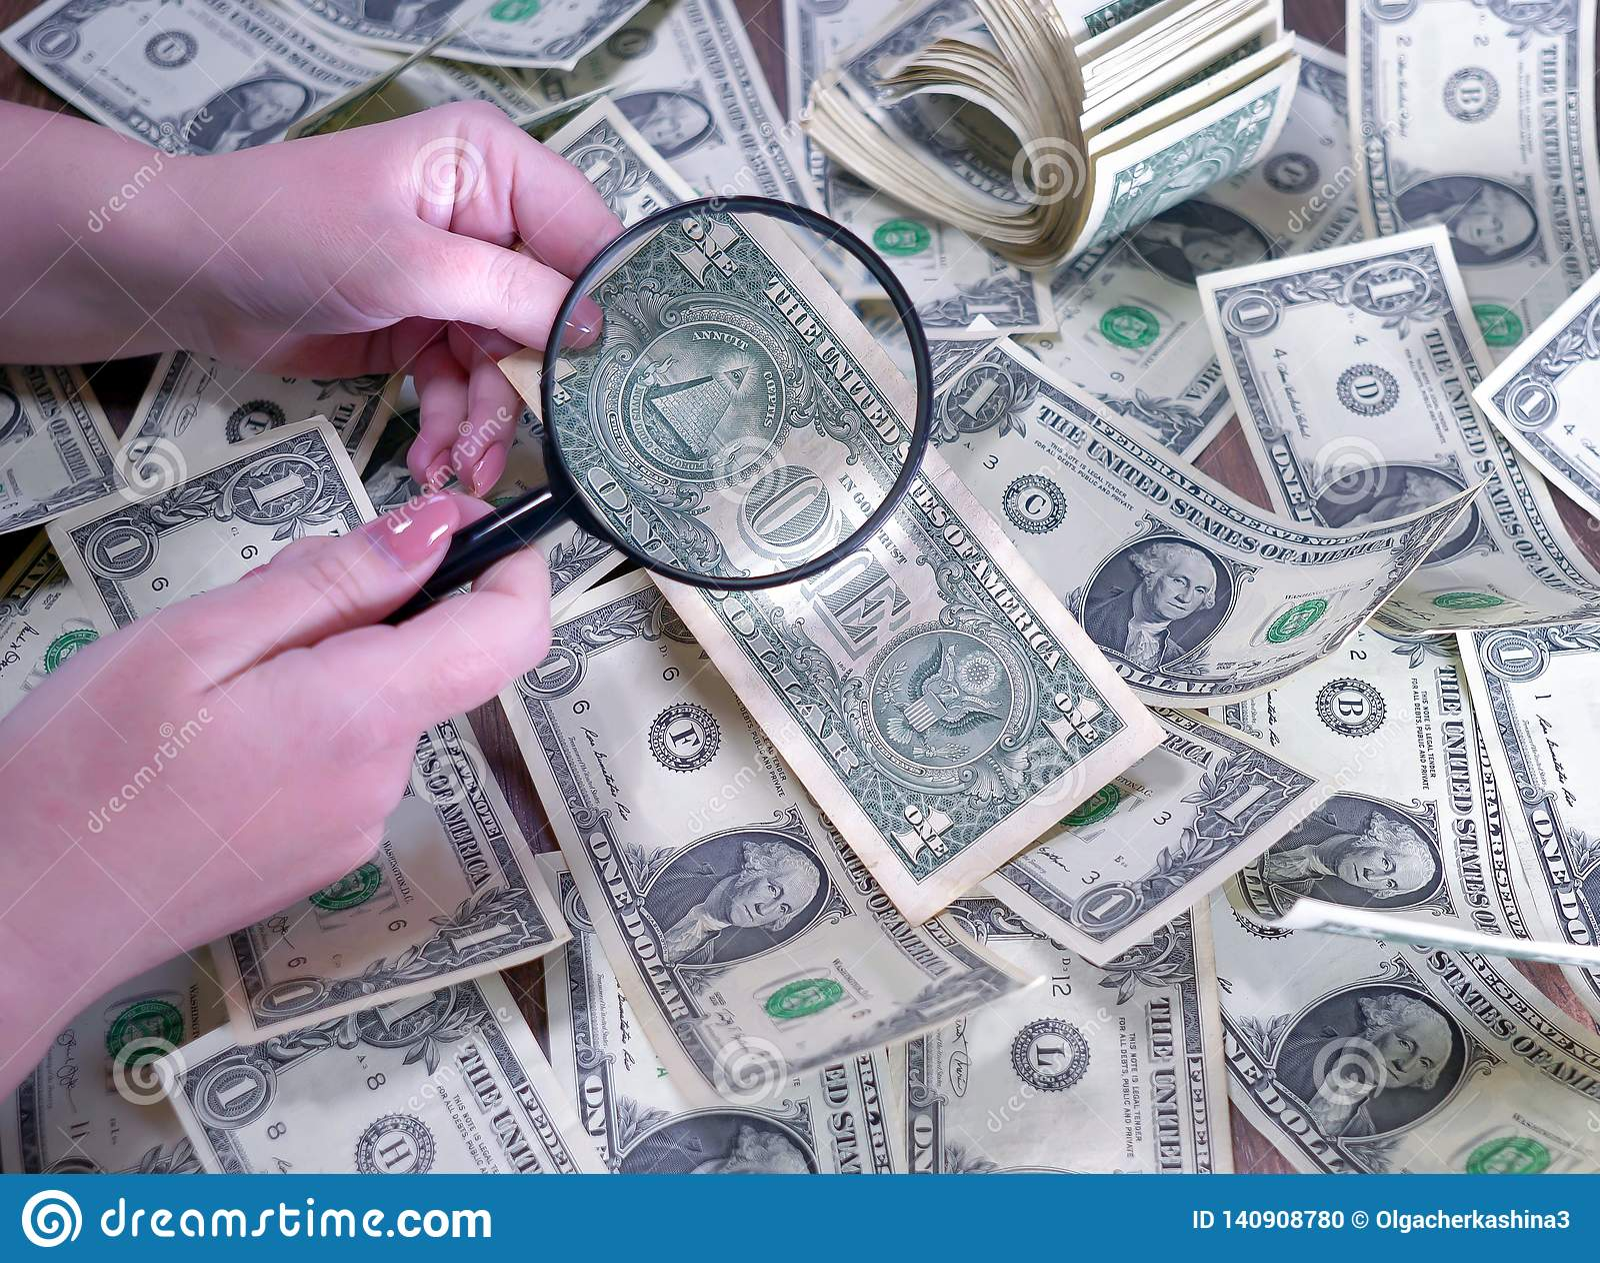 Examina dólares a través de una lupa a disposición